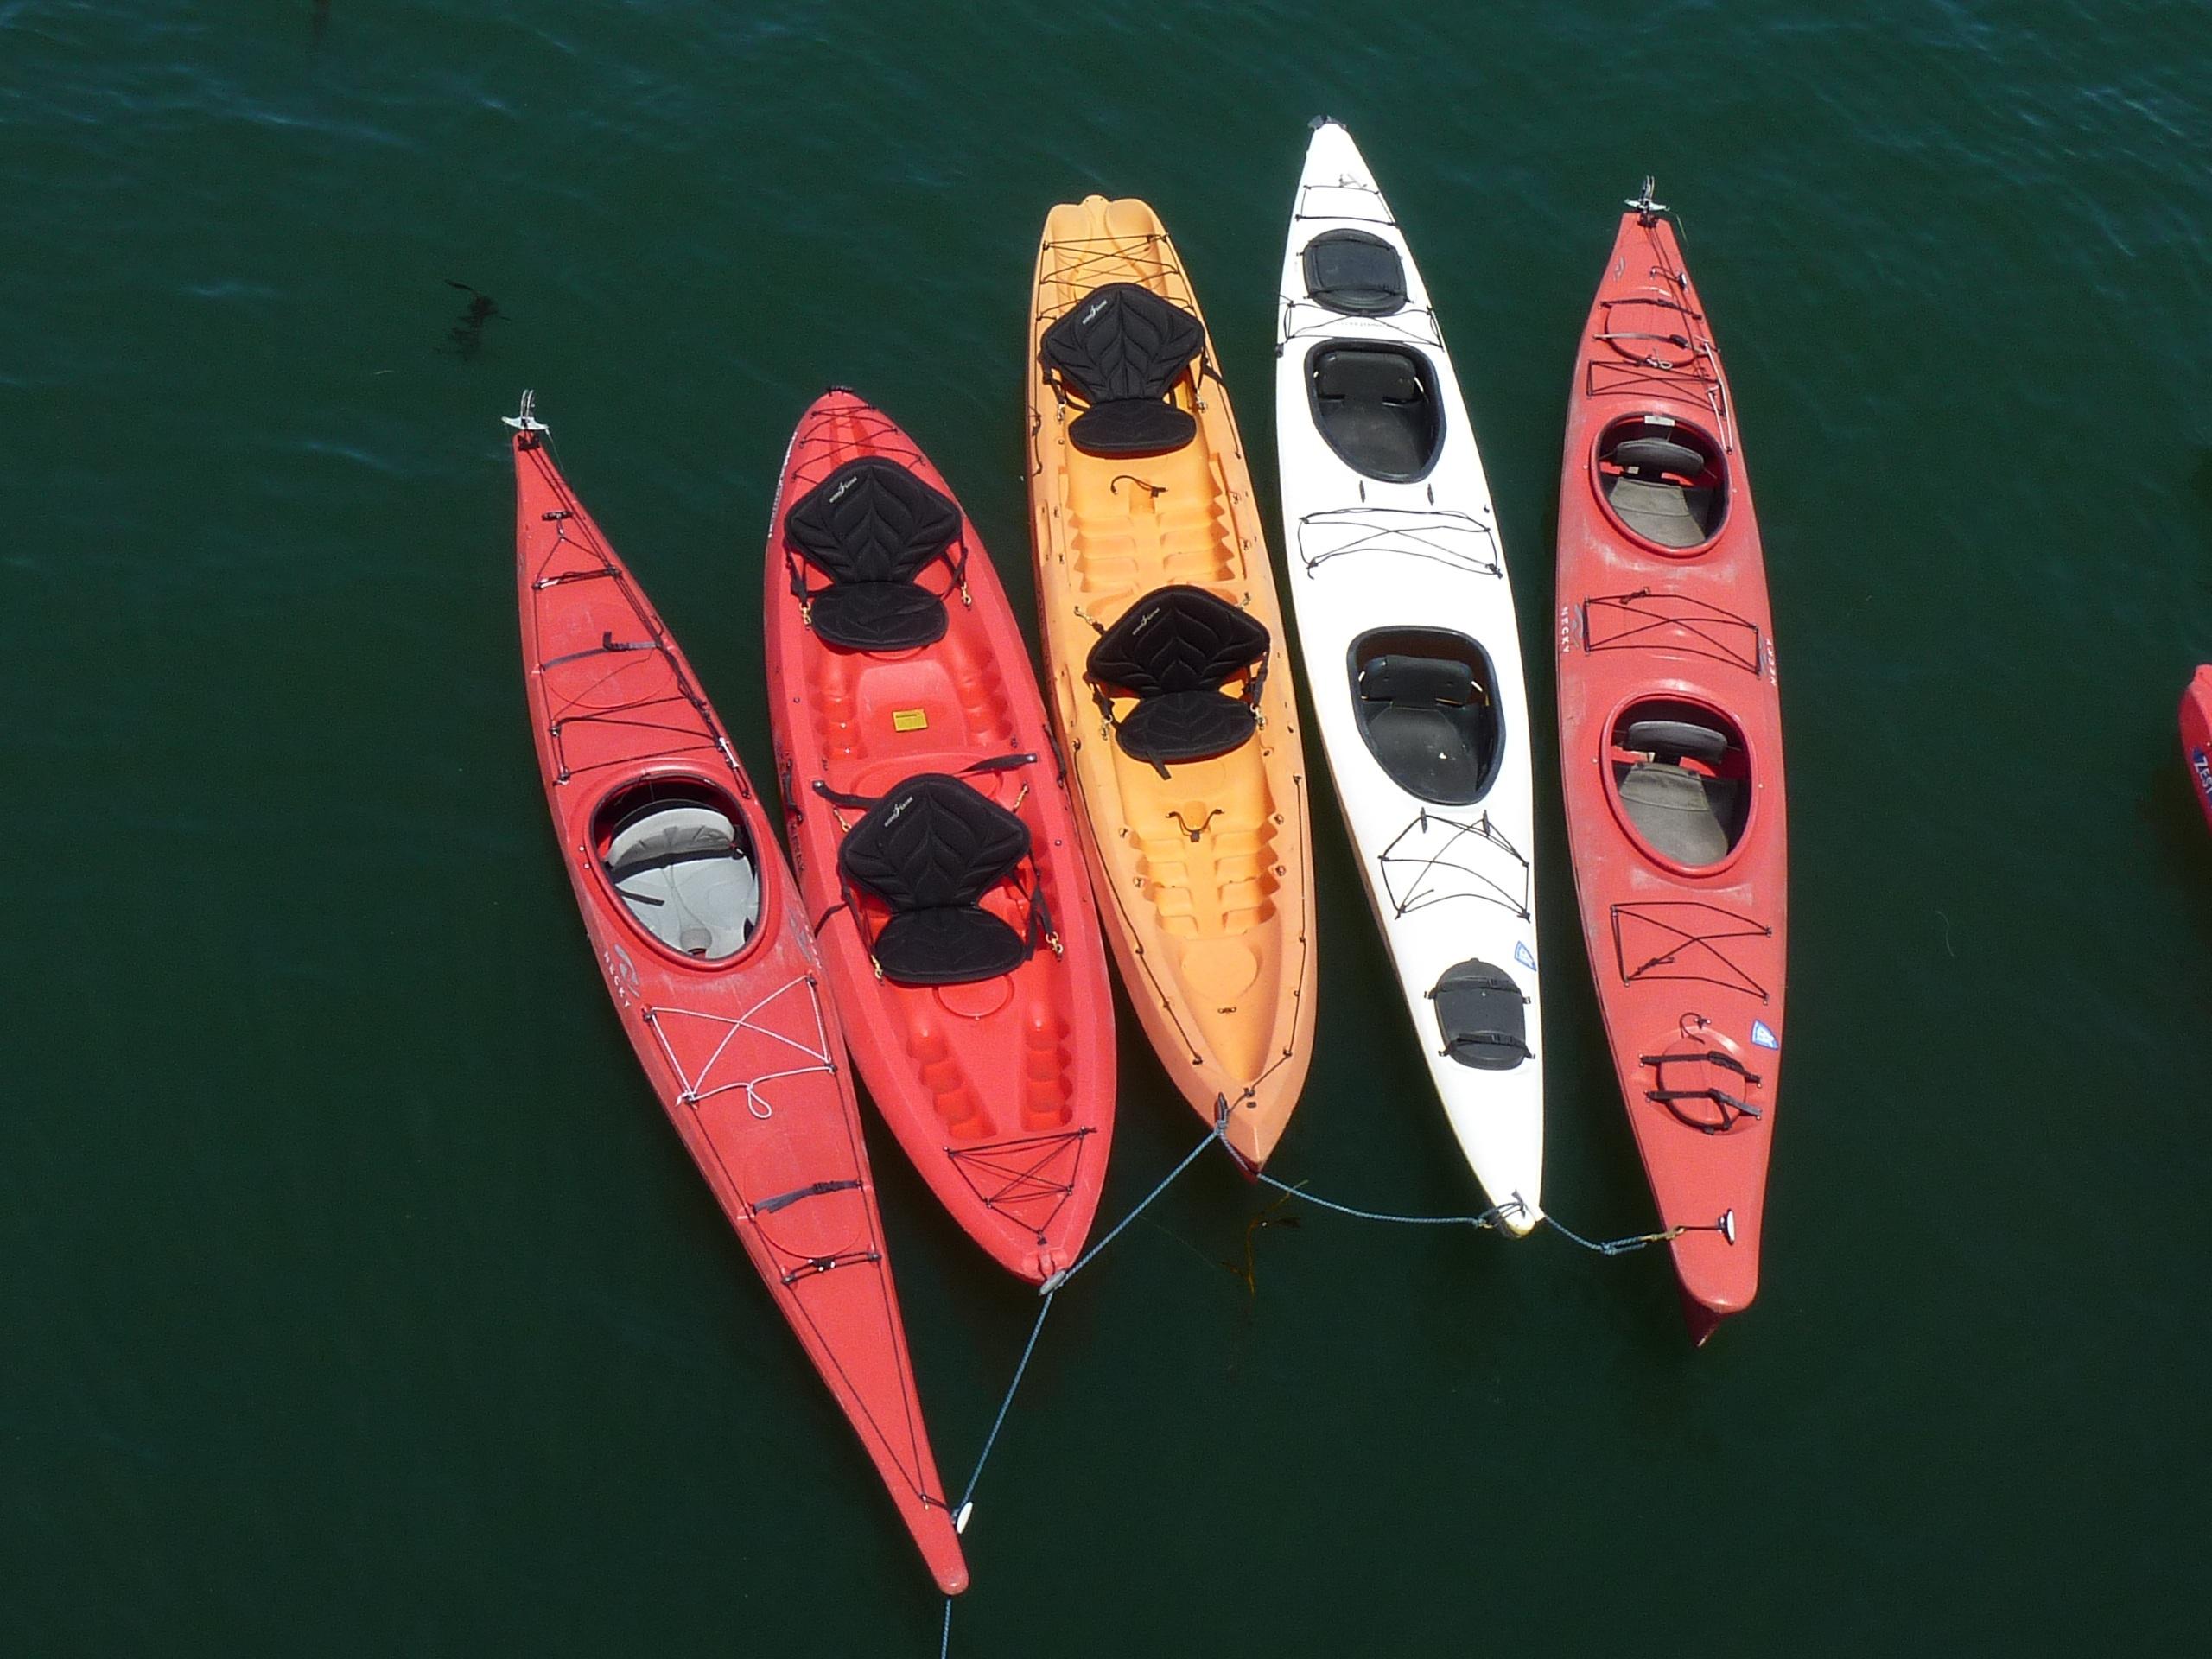 Kostenlose foto : Flügel, Boot, Kanu, rot, Fahrzeug, Farbe ...